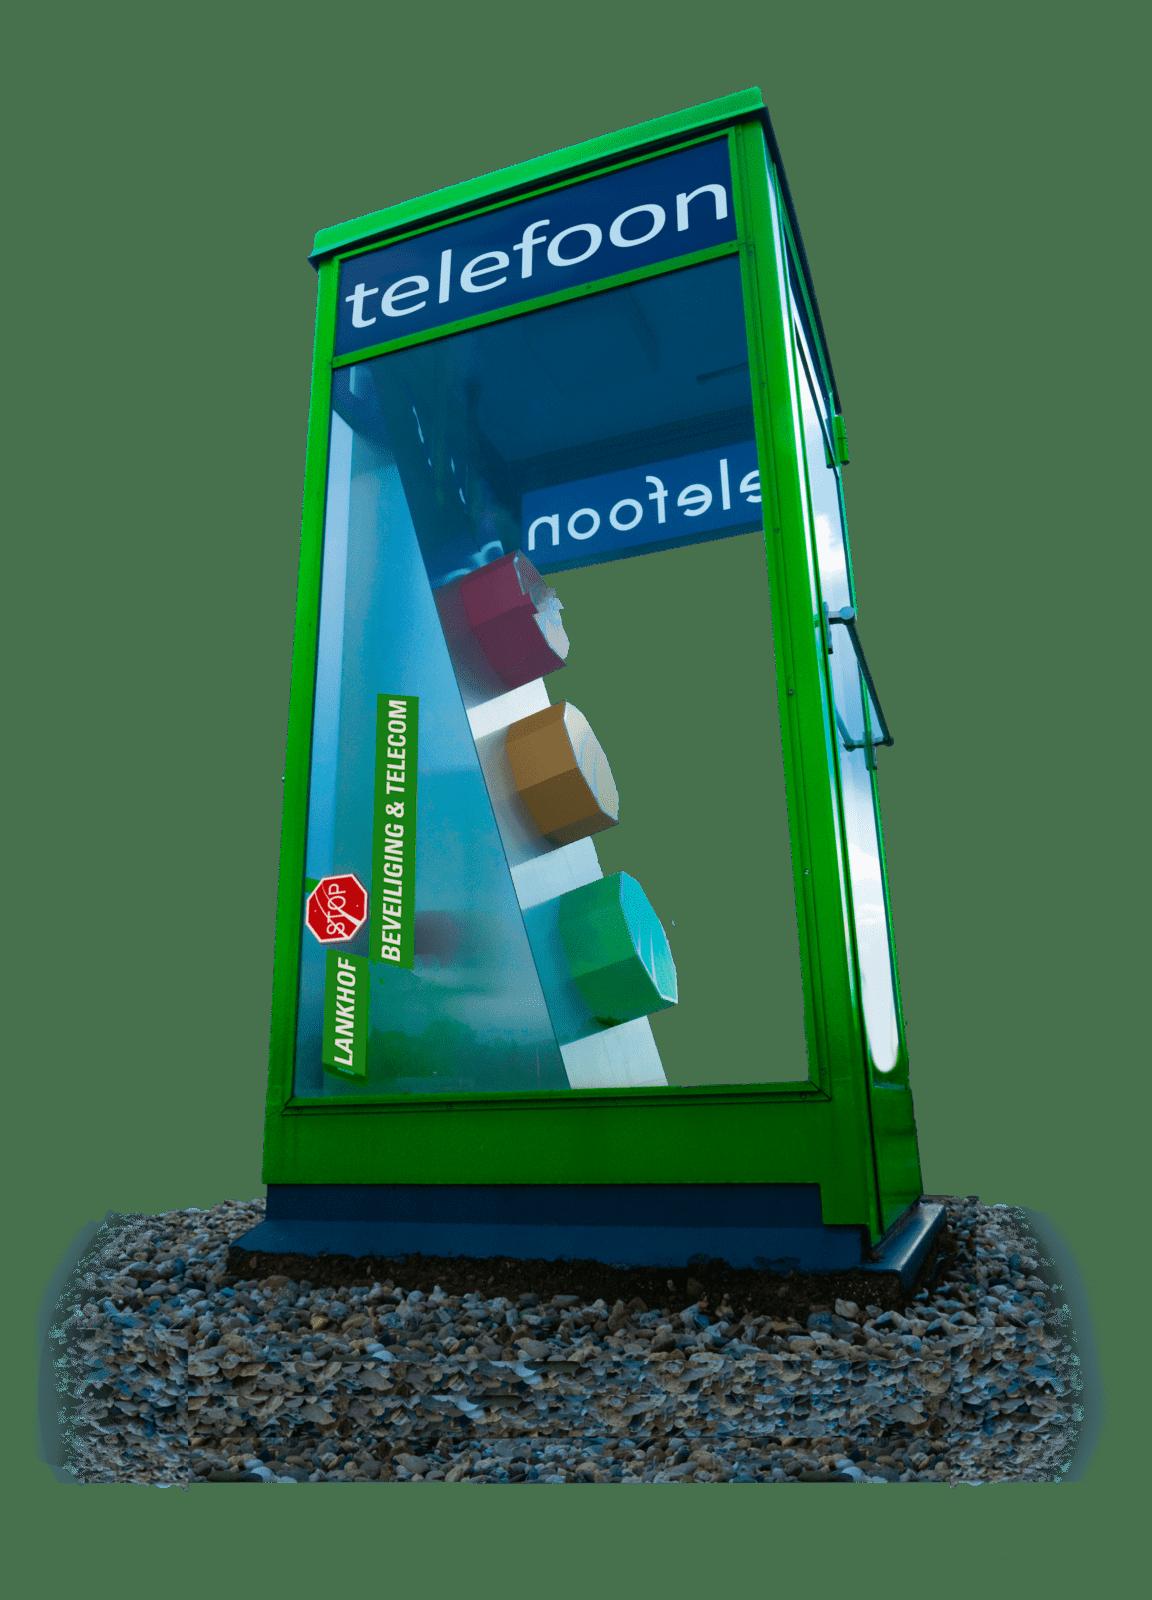 telecom telefooncel